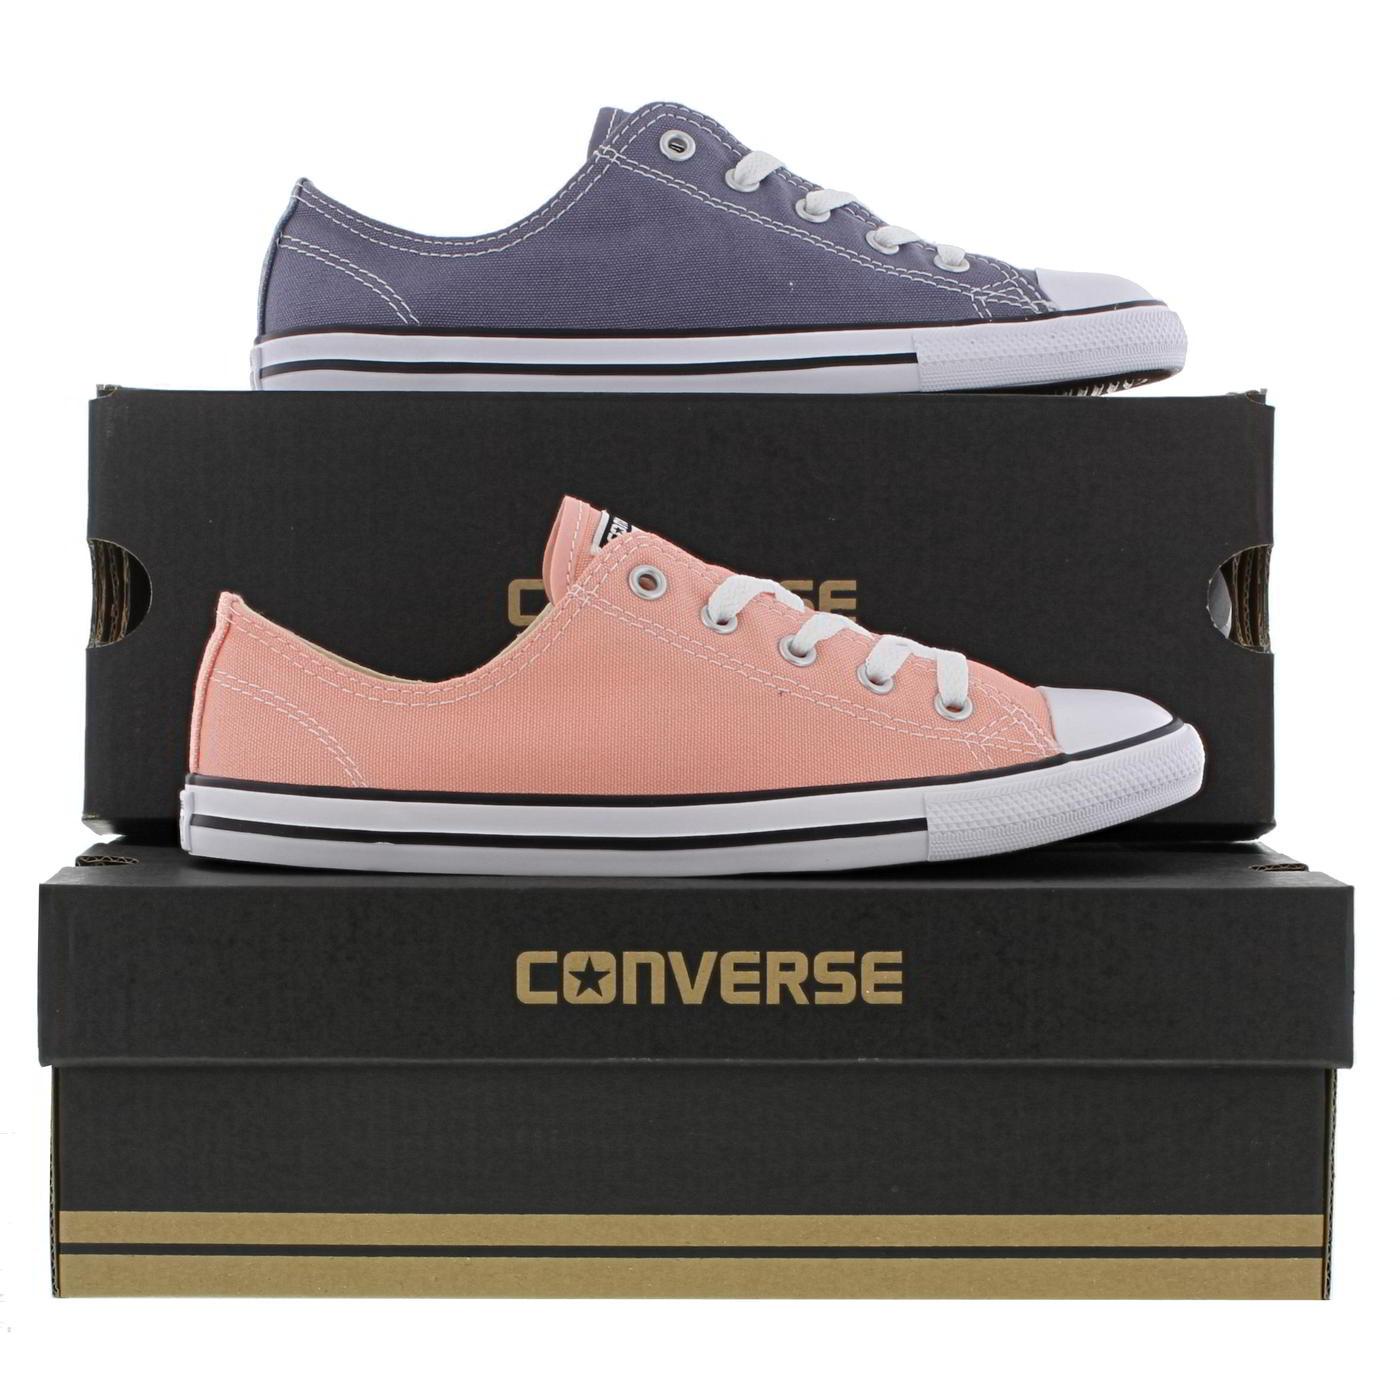 92aec9e6e4b2 Détails sur Converse All Star Dainty Oxford Femme Femmes Gris Rose Baskets  Chaussures Taille 4-8- afficher le titre d origine